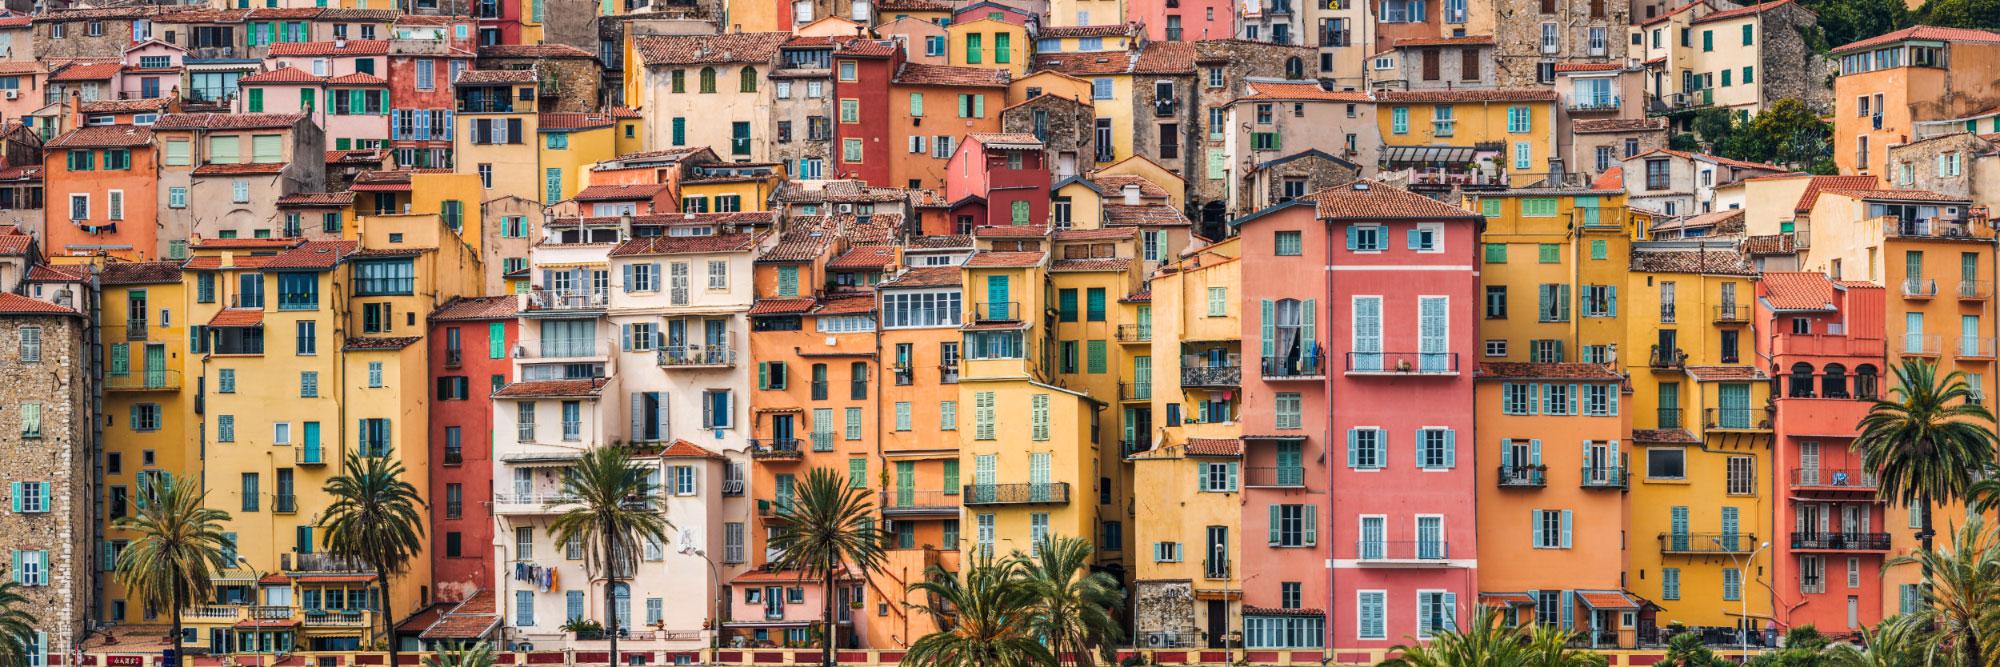 Façades de Menton, Côte d'Azur